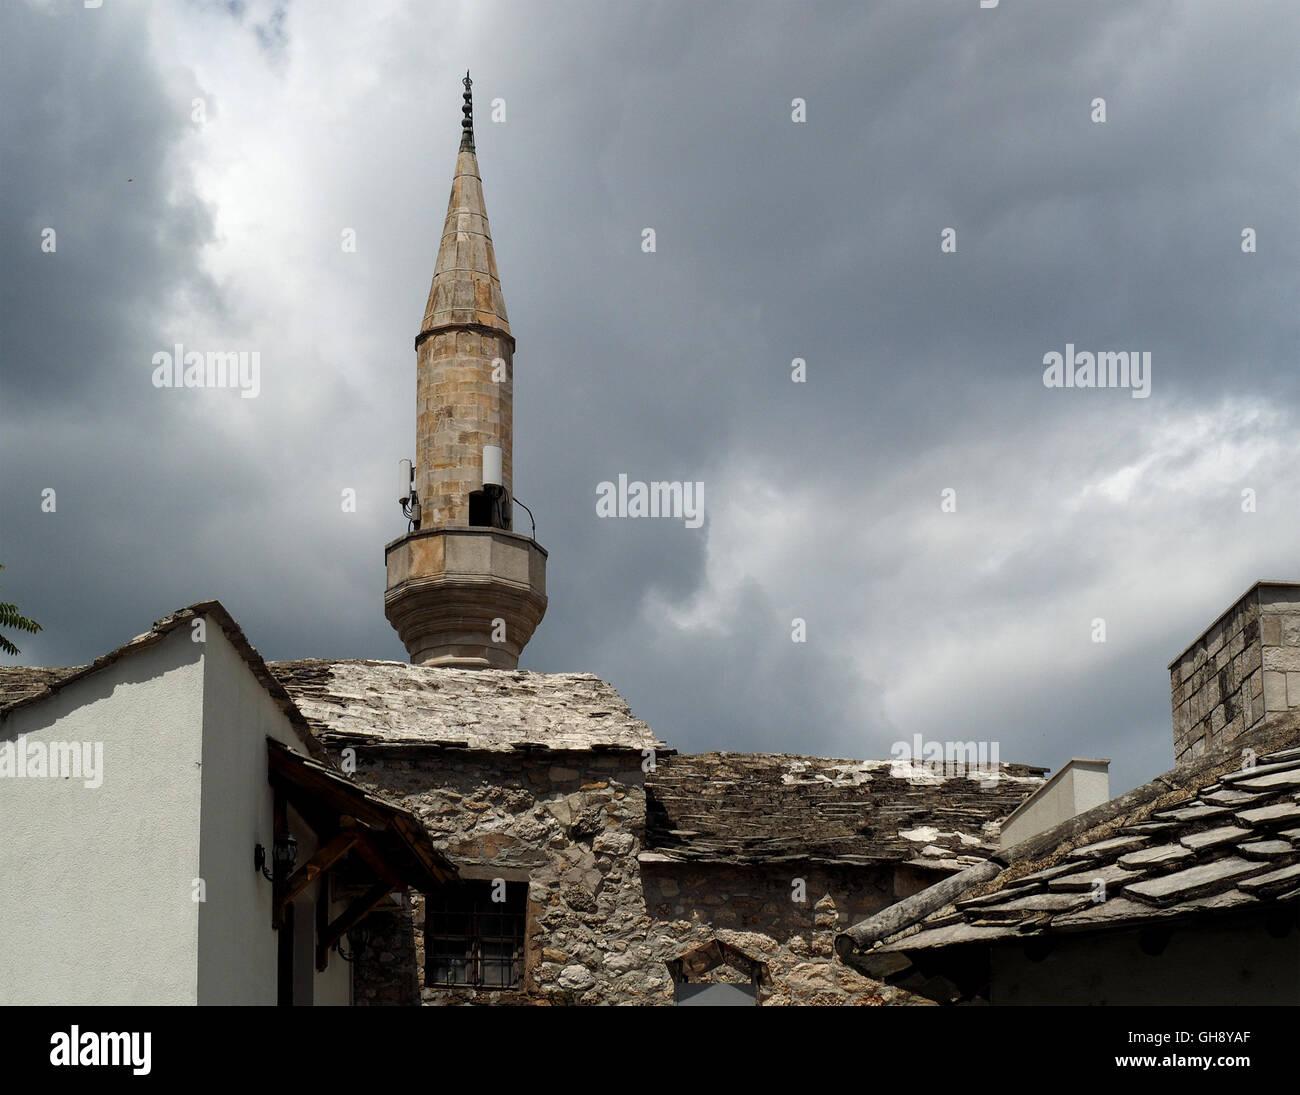 Torre de la mezquita con altavoces para la llamada a la oración y de la piedra y las tejas de típica arquitectura vernácula de Mostar en Bosnia y Herzegovina Foto de stock